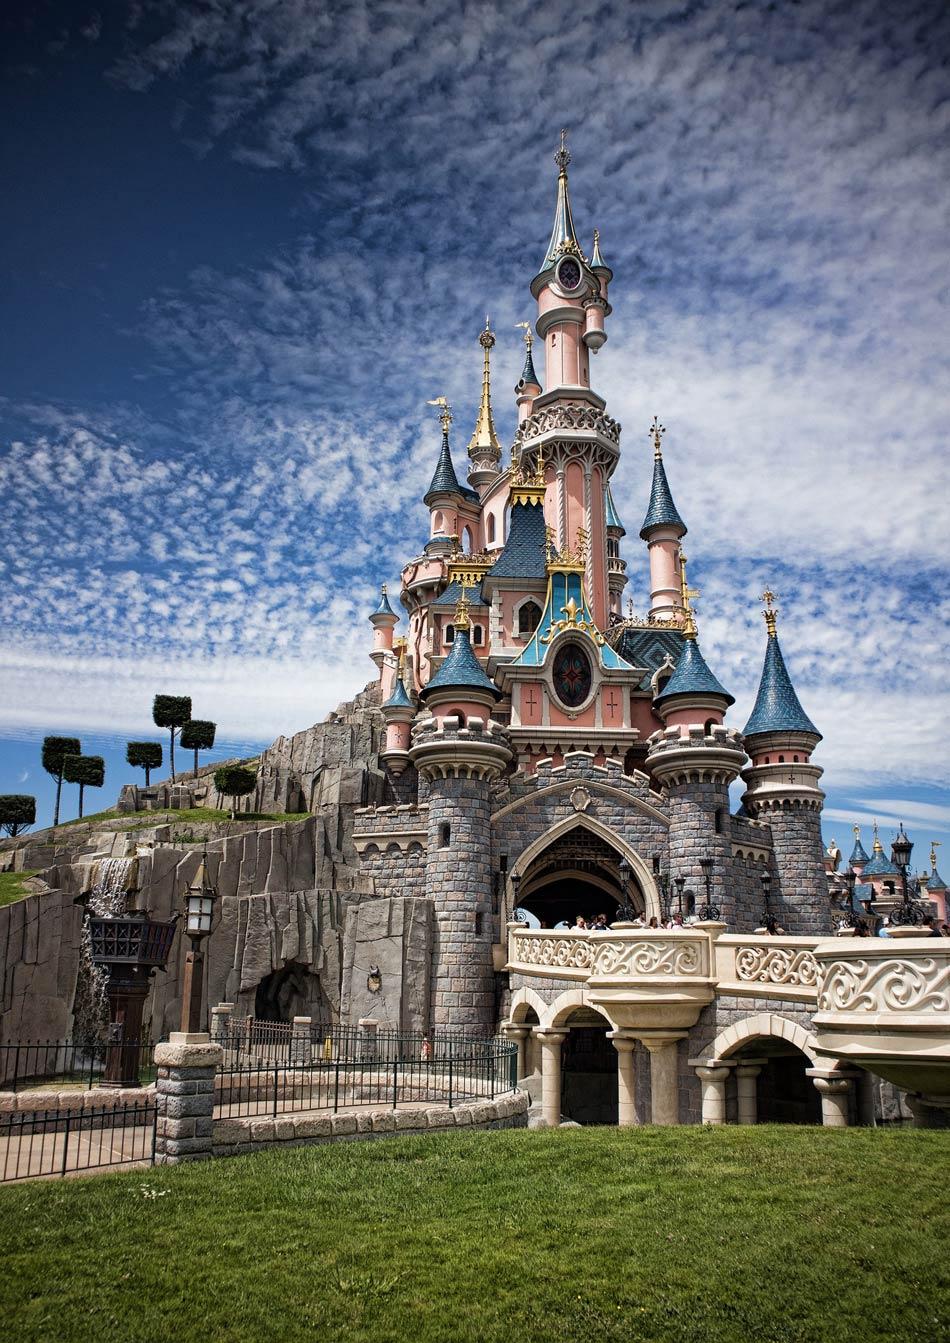 davvero come un castello delle principesse